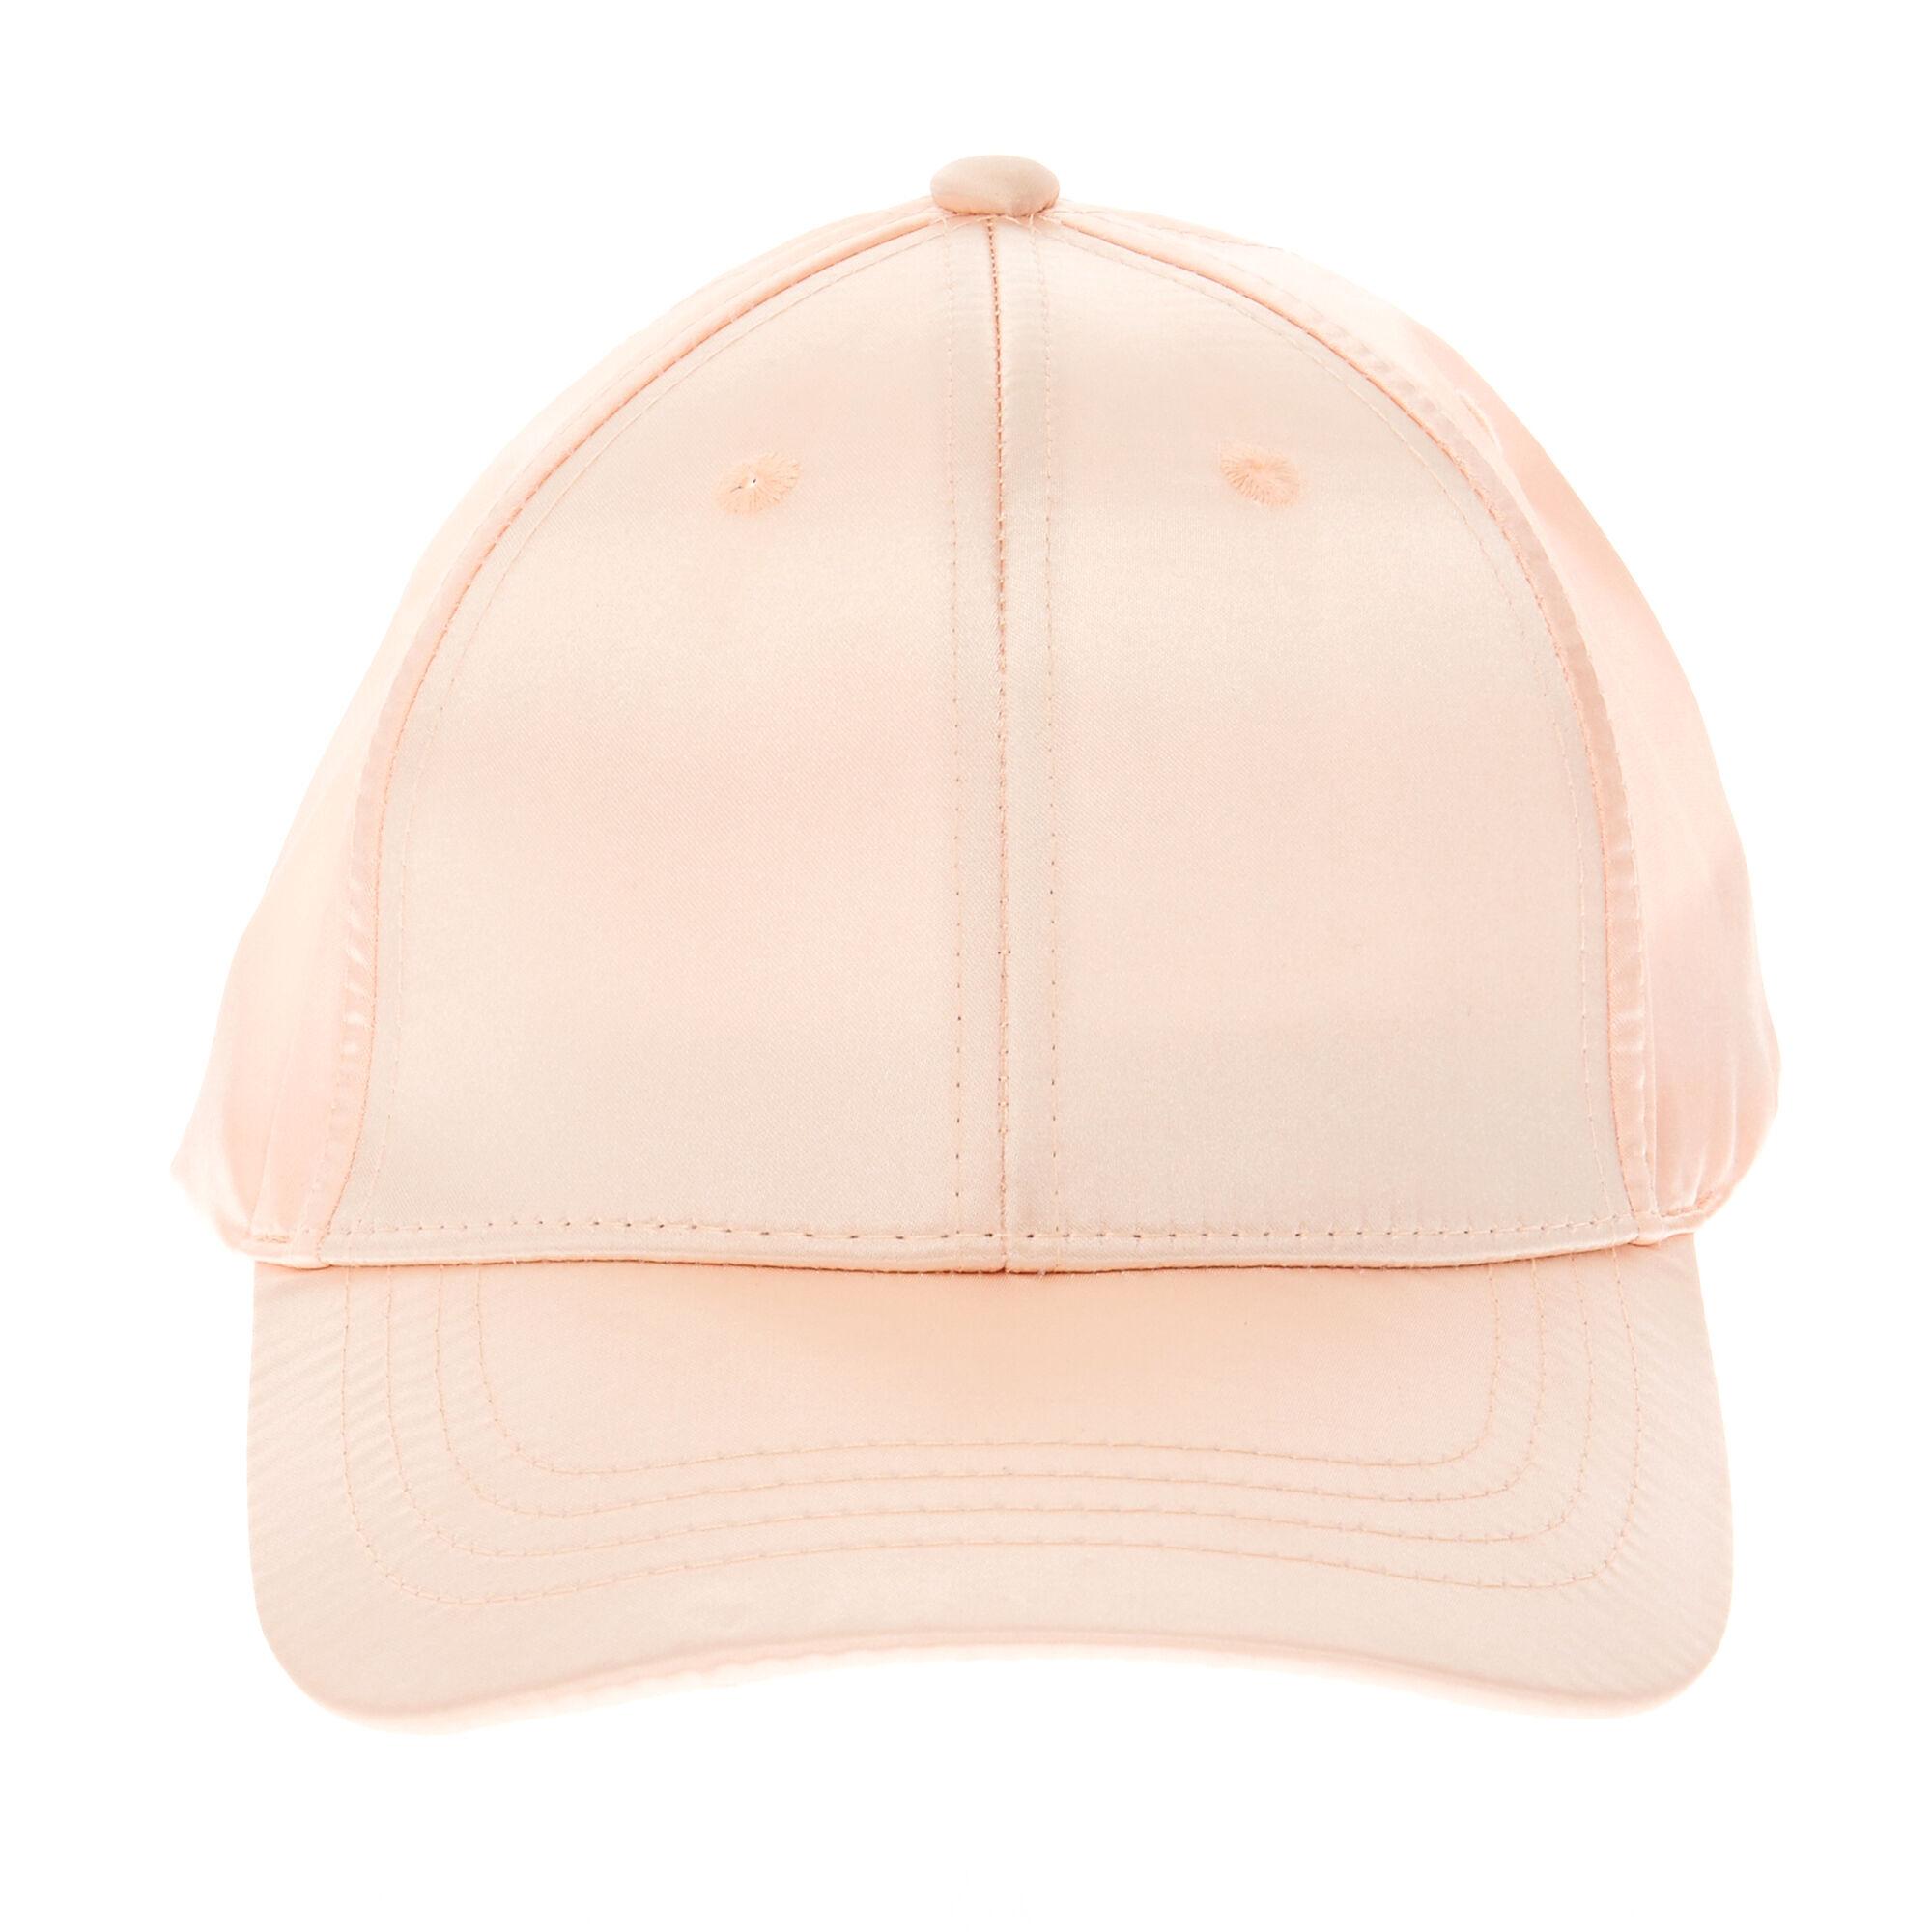 a3a96d99fd3 ... Pink Blush Satin Baseball Cap